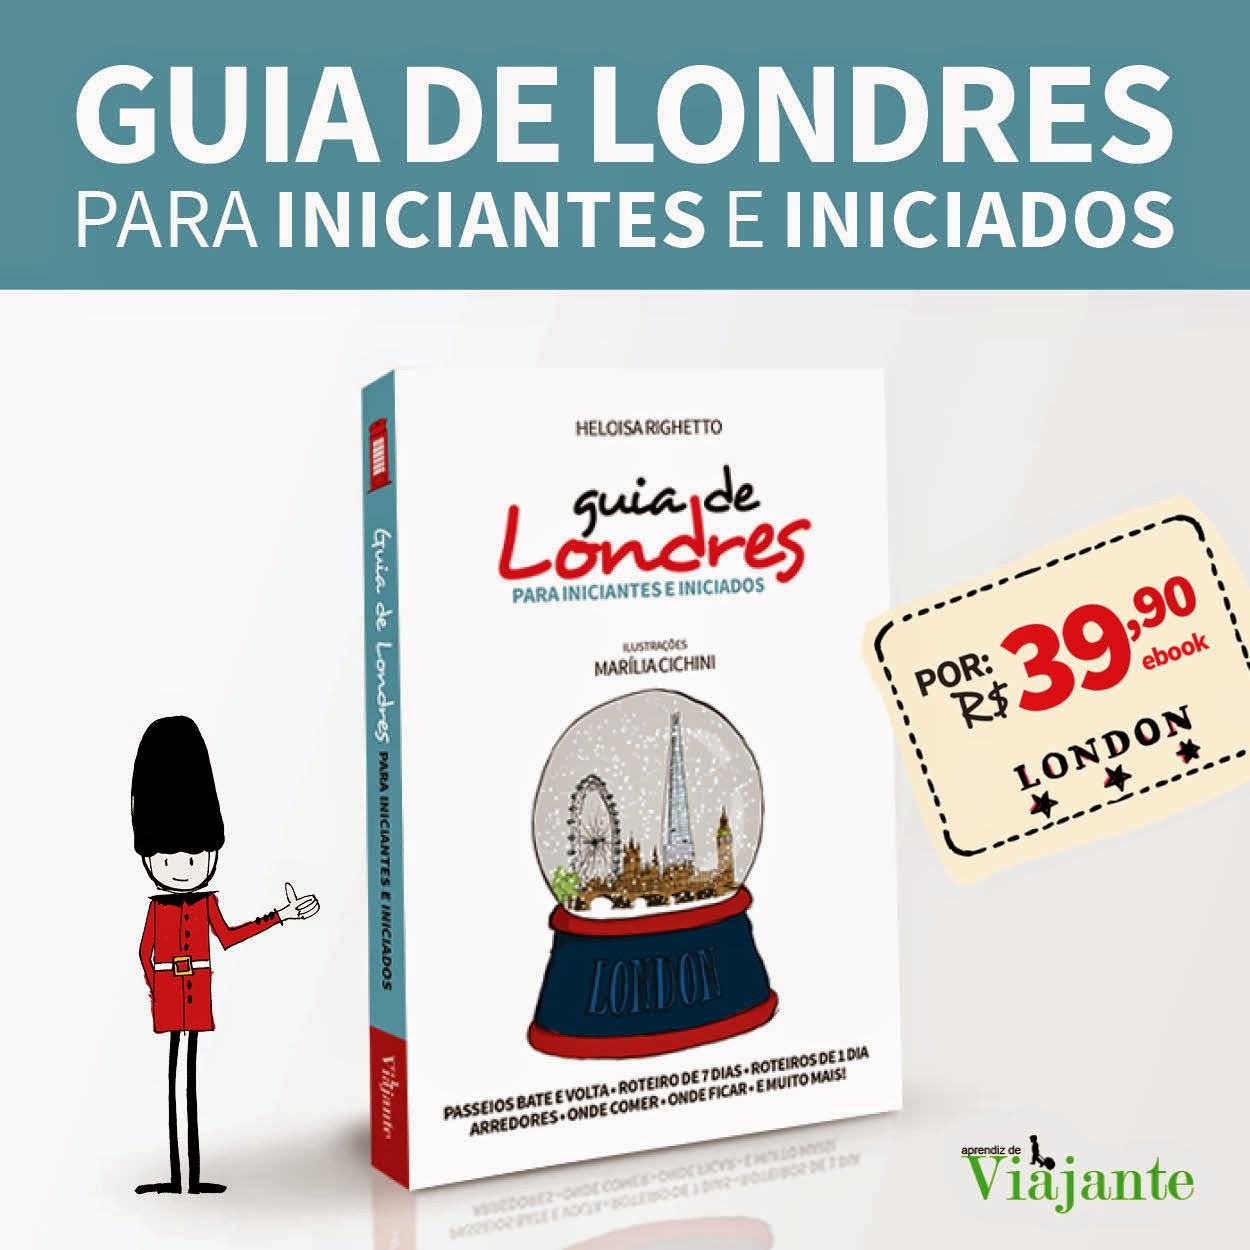 Compre aqui o seu guia de Londres!